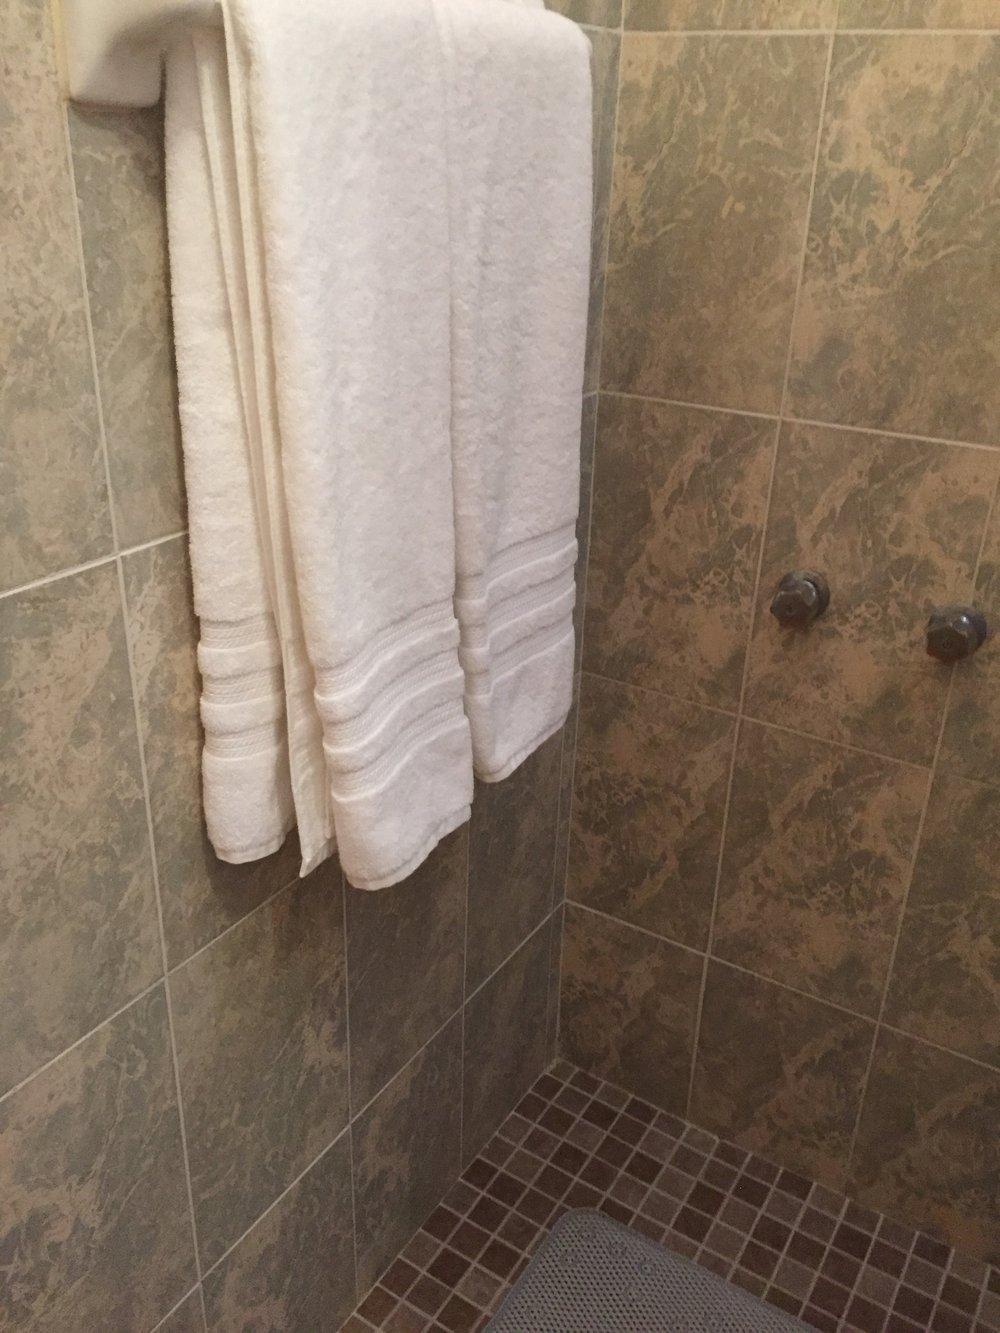 3 shower2.jpg.JPG